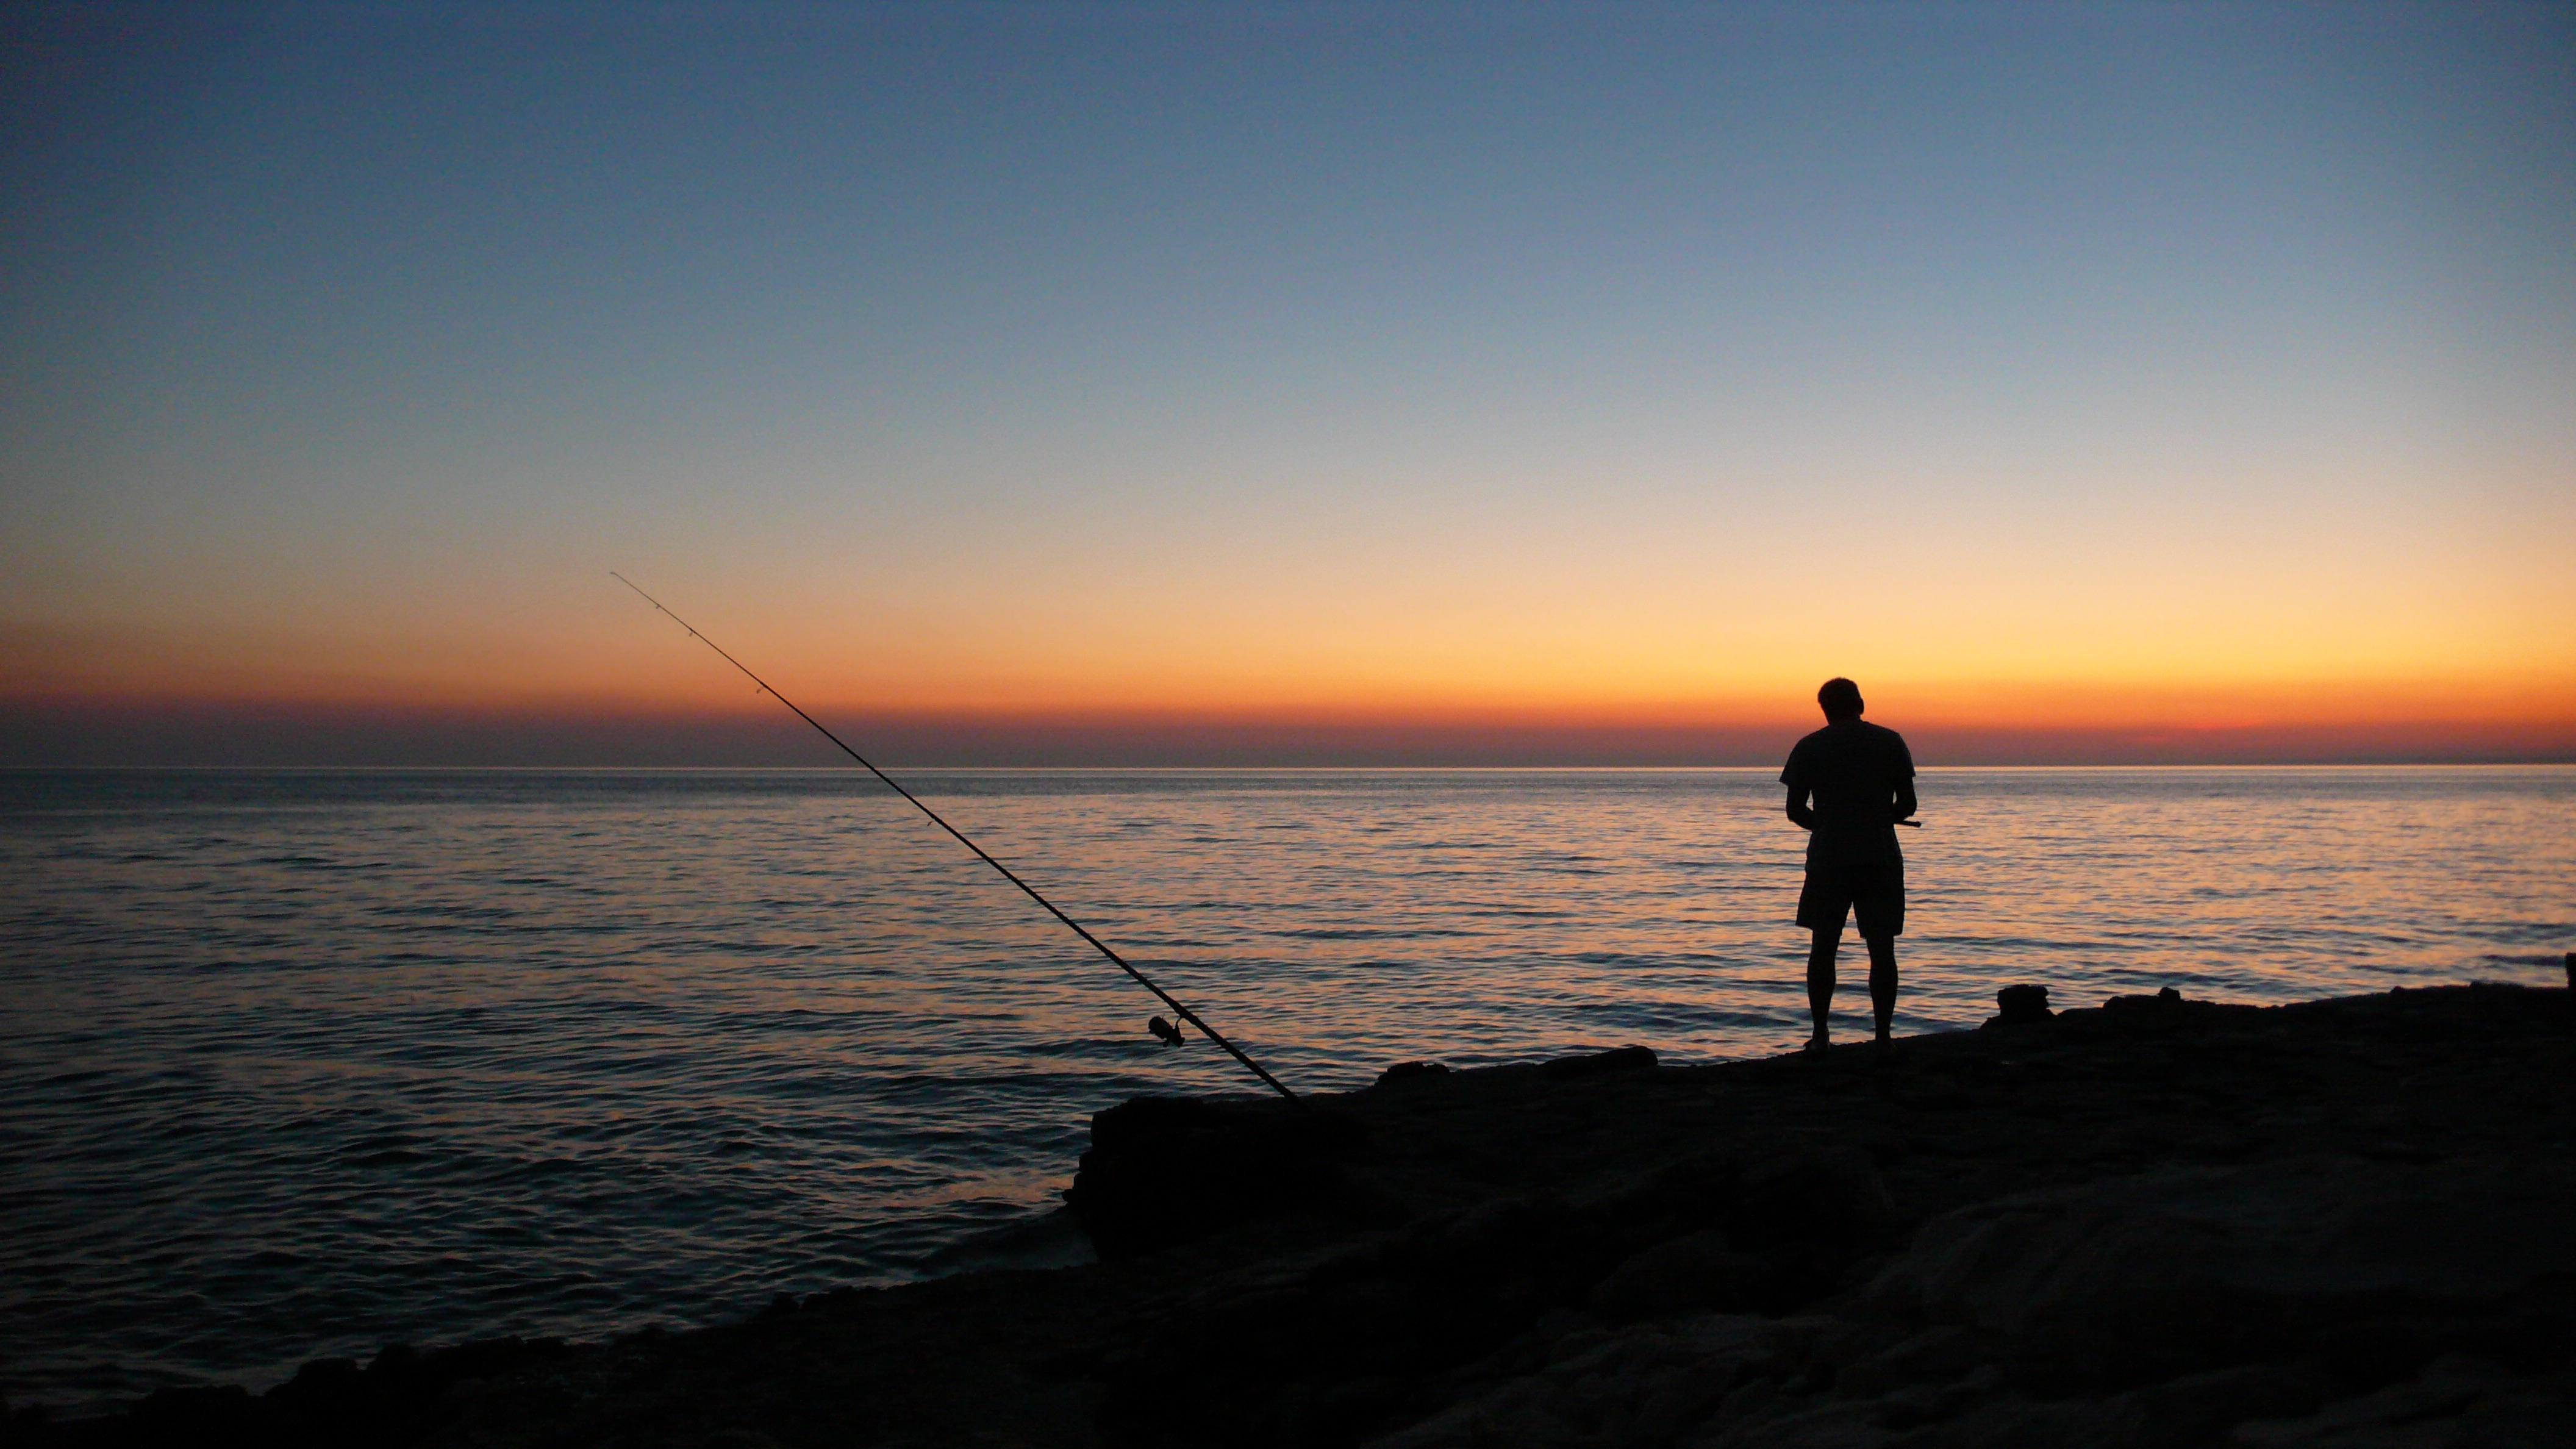 coucher de soleil pecheur mer